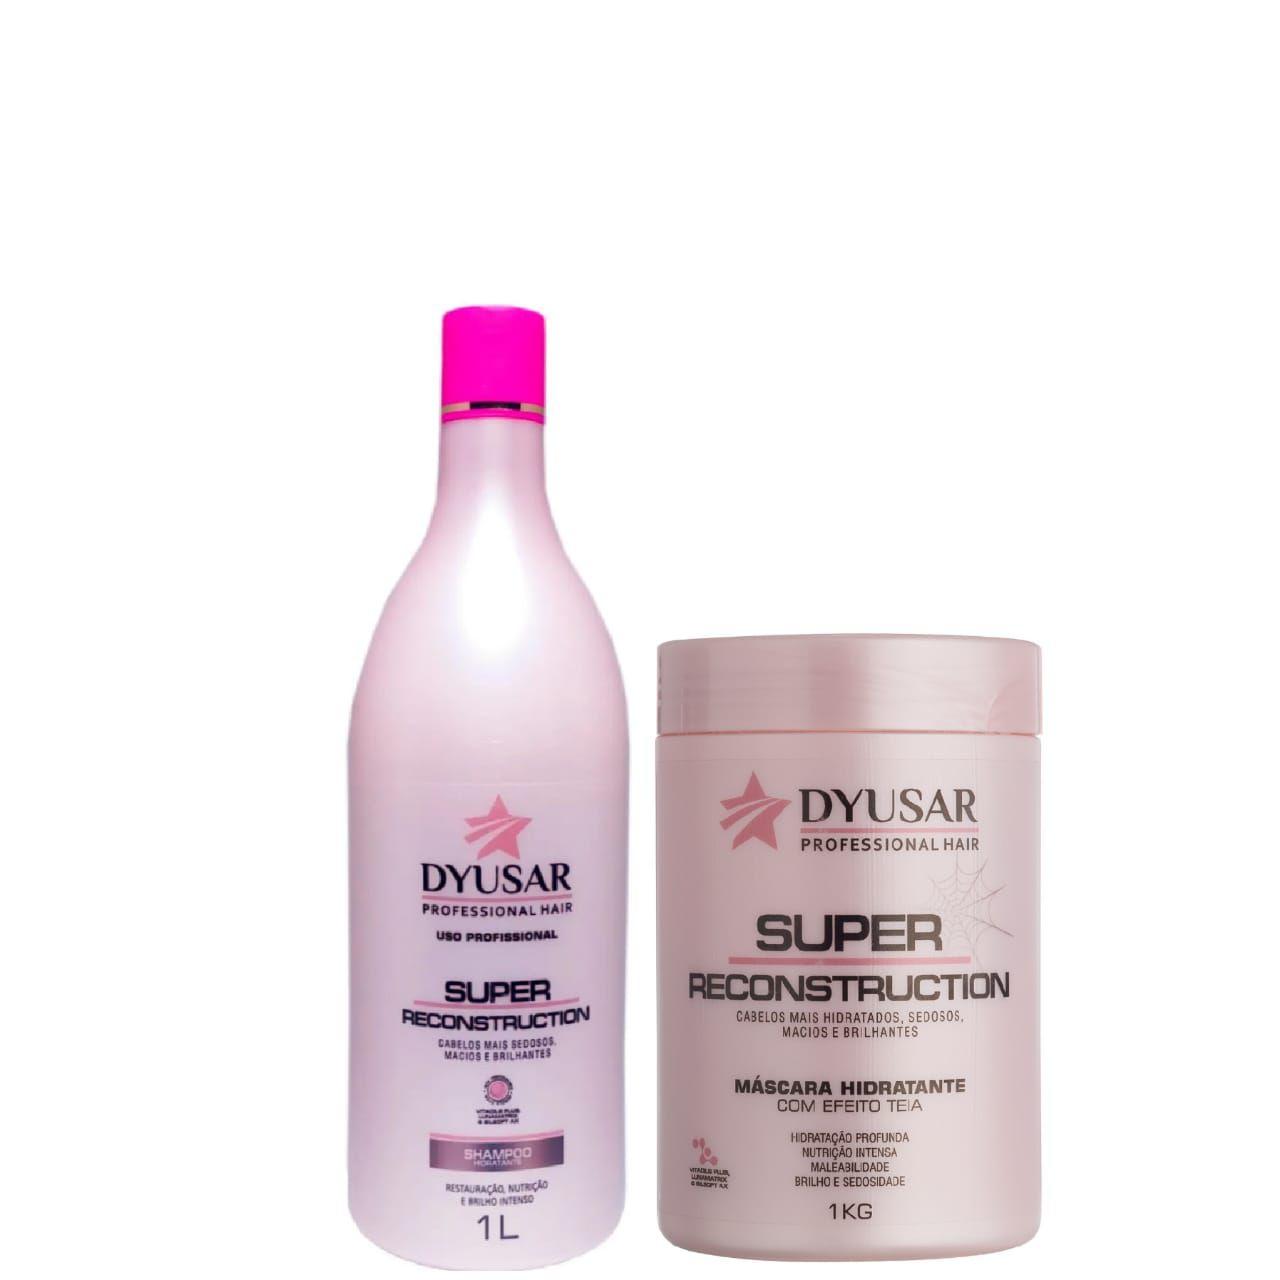 Kit Super Reconstruction Shampoo e Máscara DYUSAR Grande